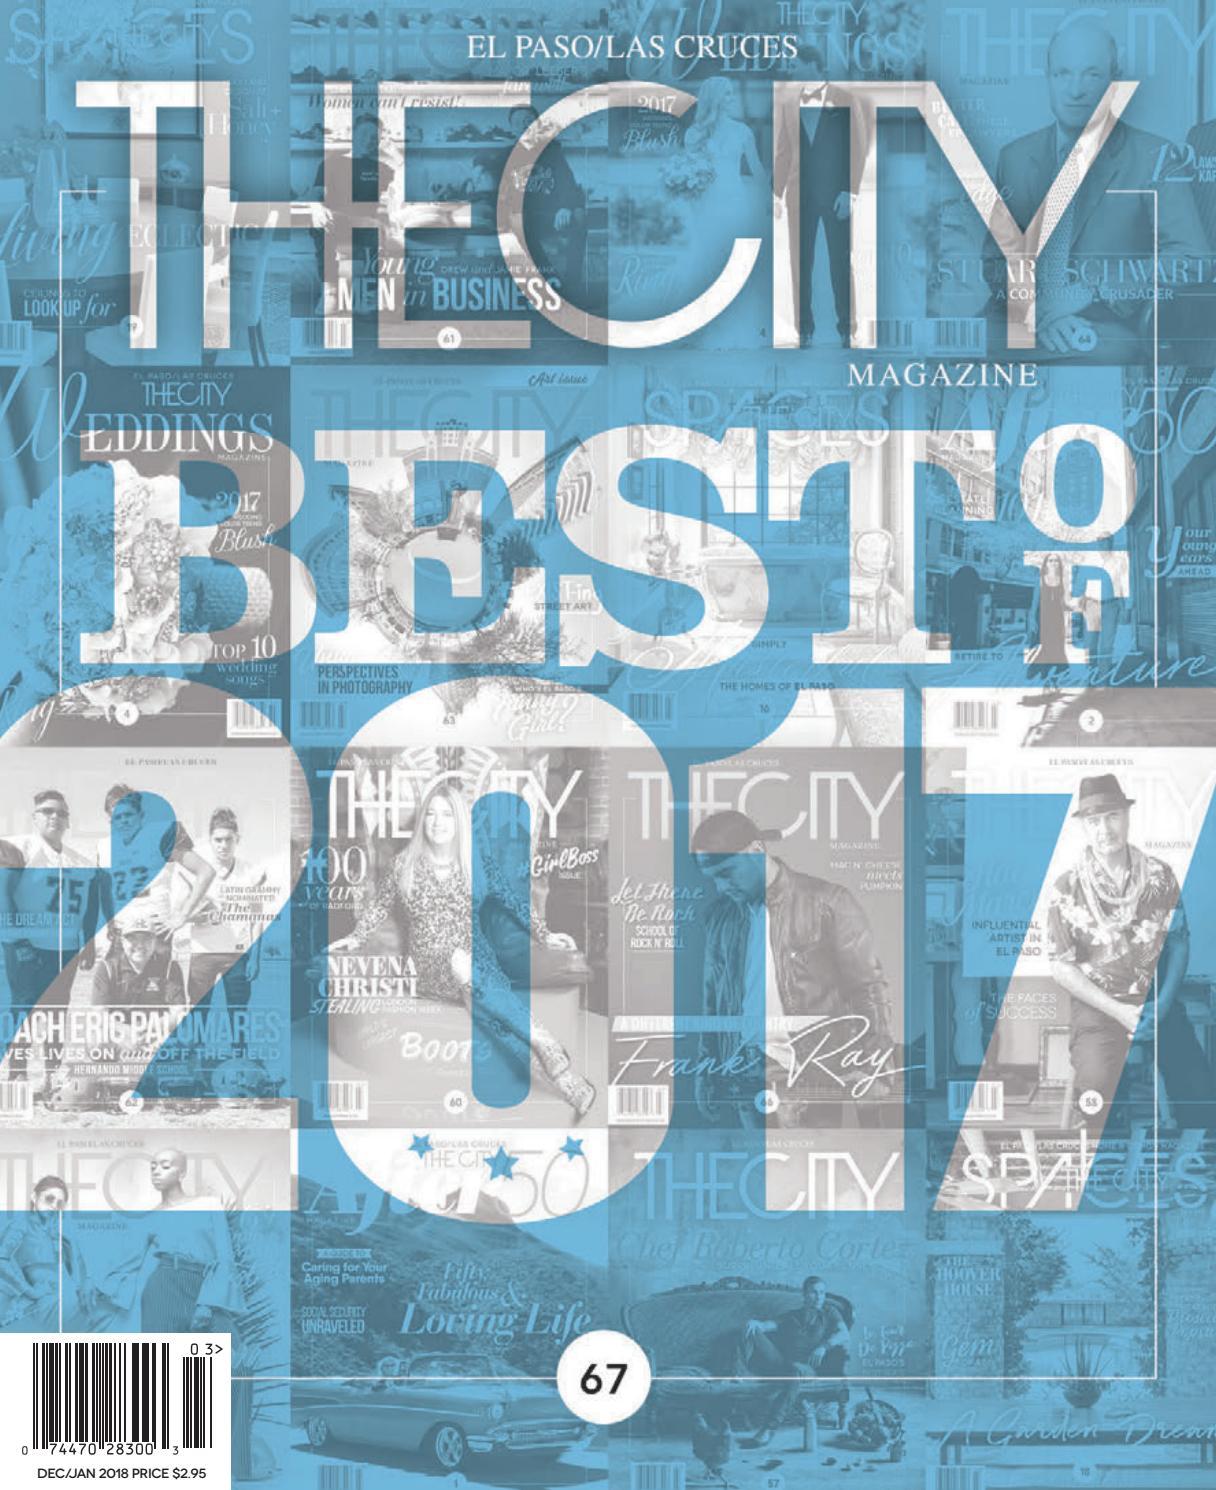 thecity magazine el paso best of 2017 by thecity magazine el paso